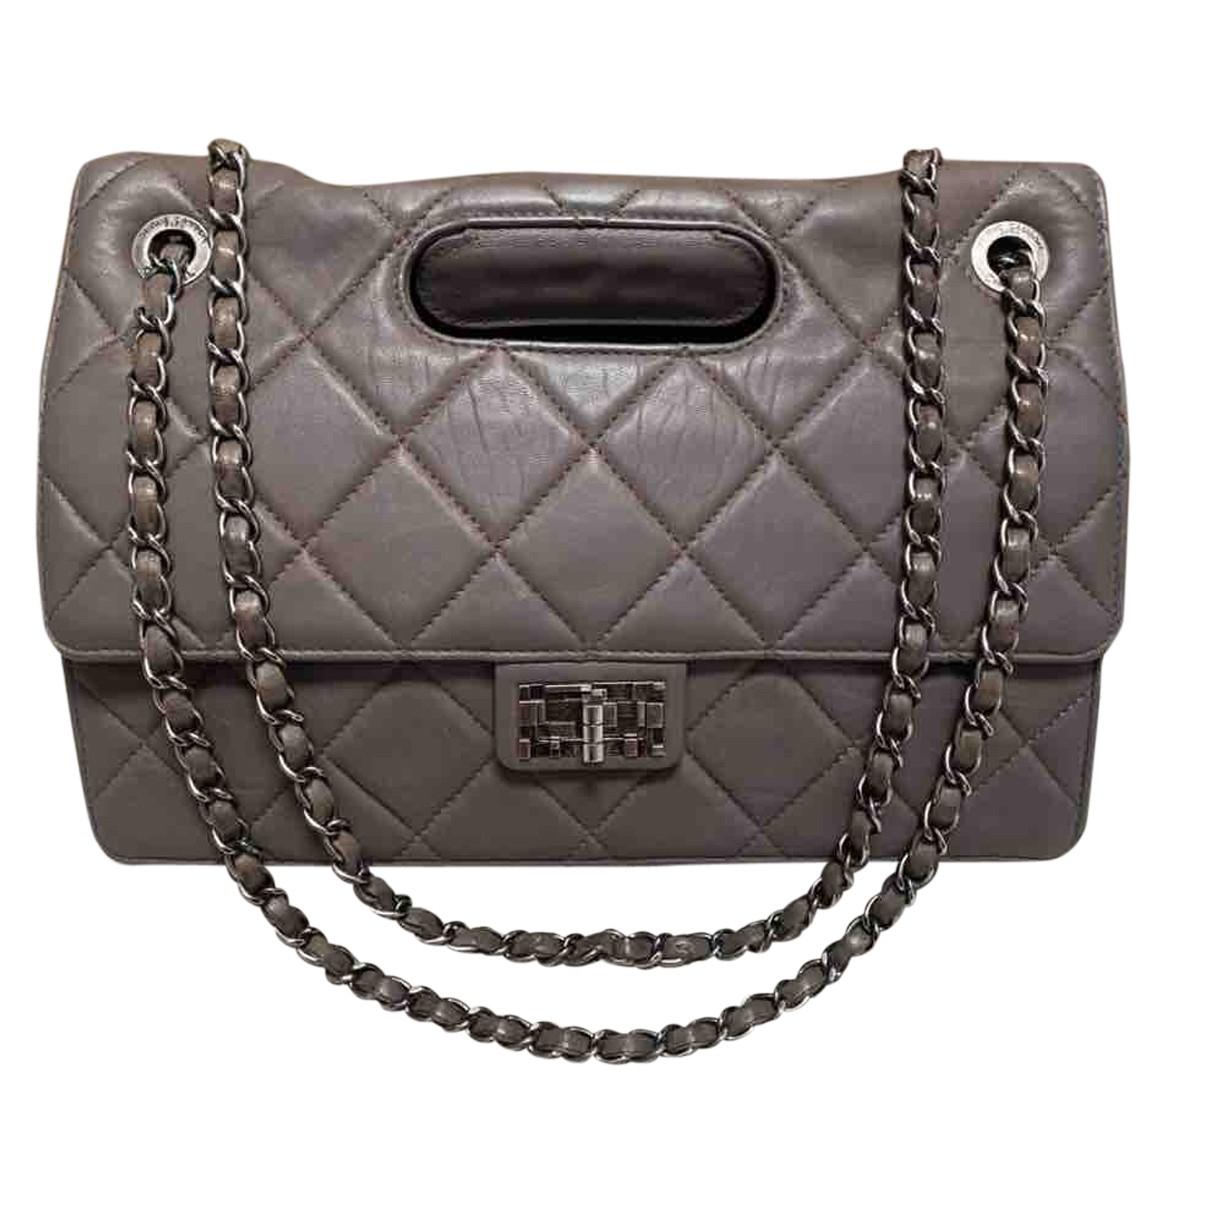 Chanel 2.55 Grey Leather handbag for Women N